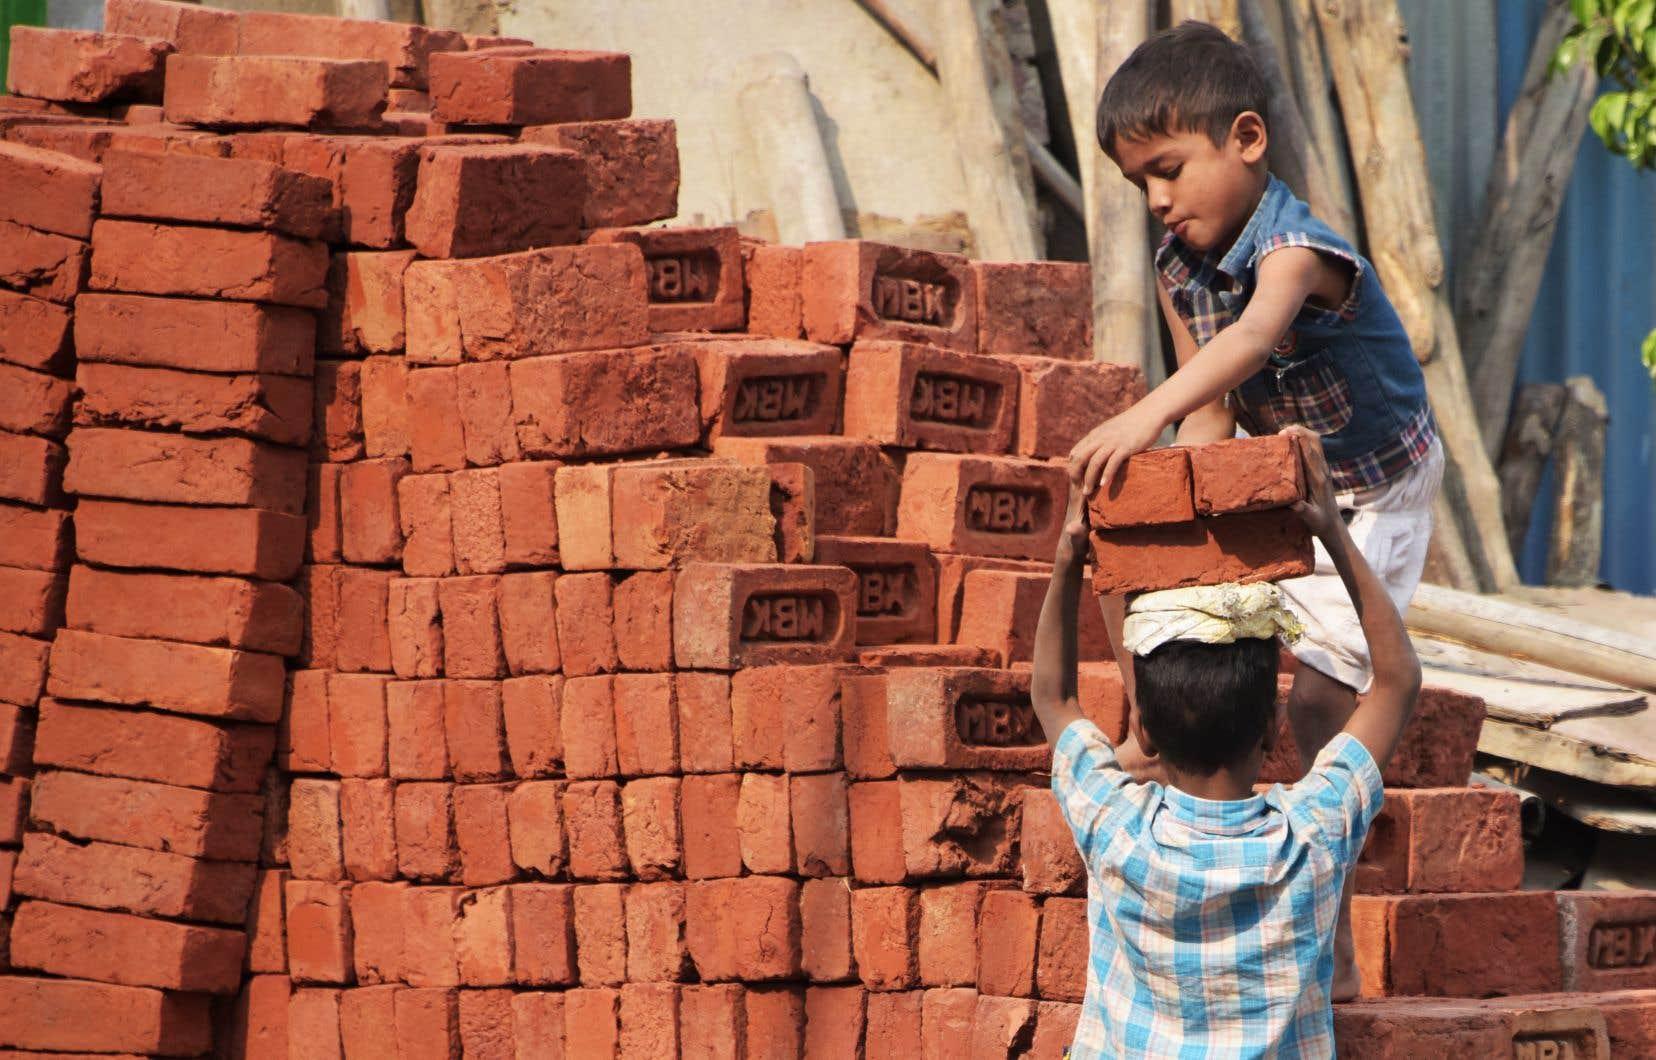 Des enfants travaillant sur un chantier de construction à New Delhi, la capitale indienne.  Il est très difficile pour une femme d'accéder à un emploi en Inde, ce qui ouvre grand la porte  à l'exploitation des enfants.